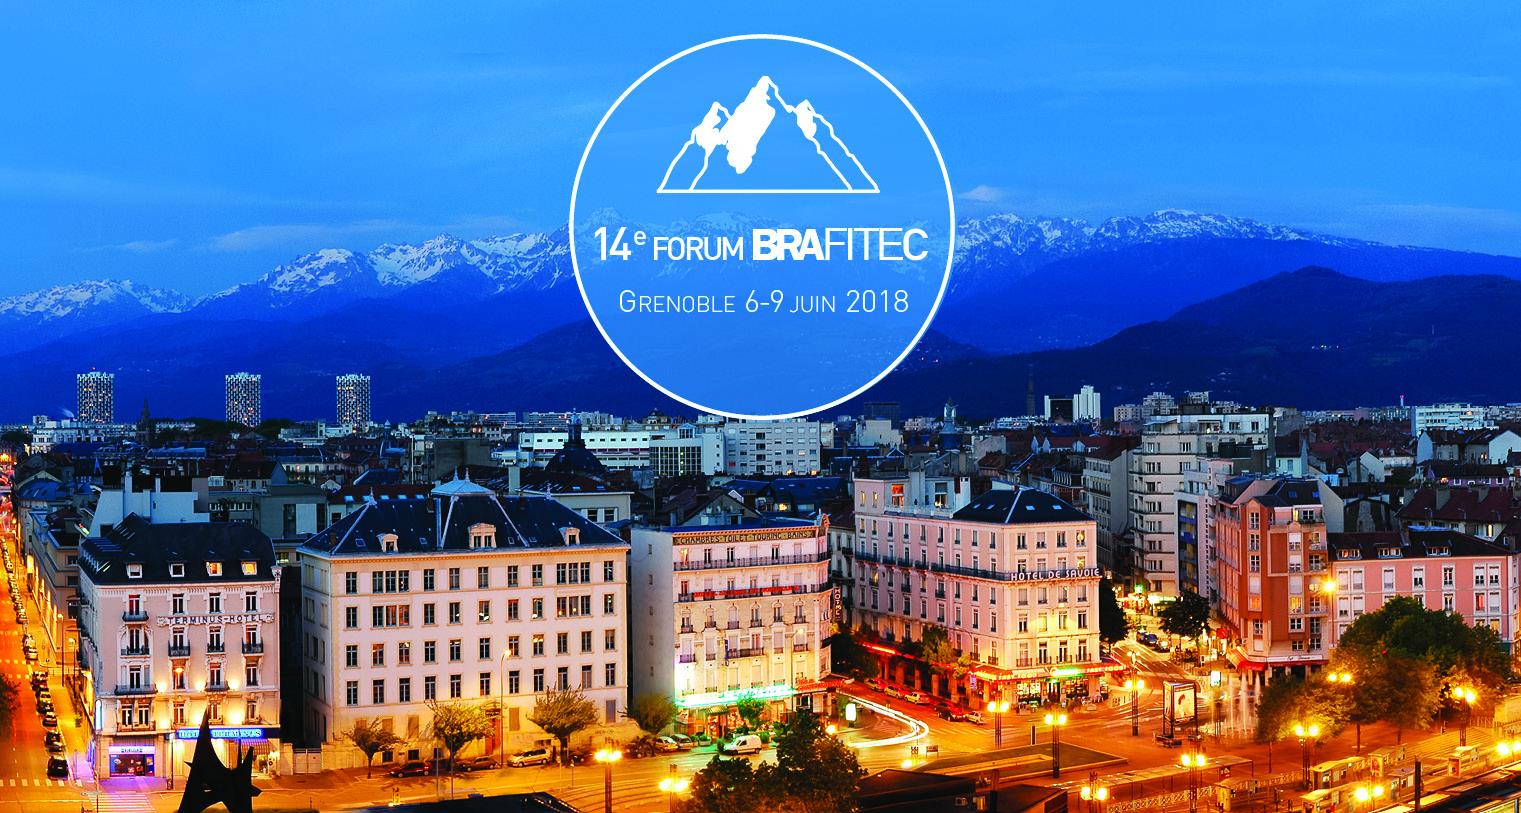 Forum Brafitec Grenoble carousel.jpg